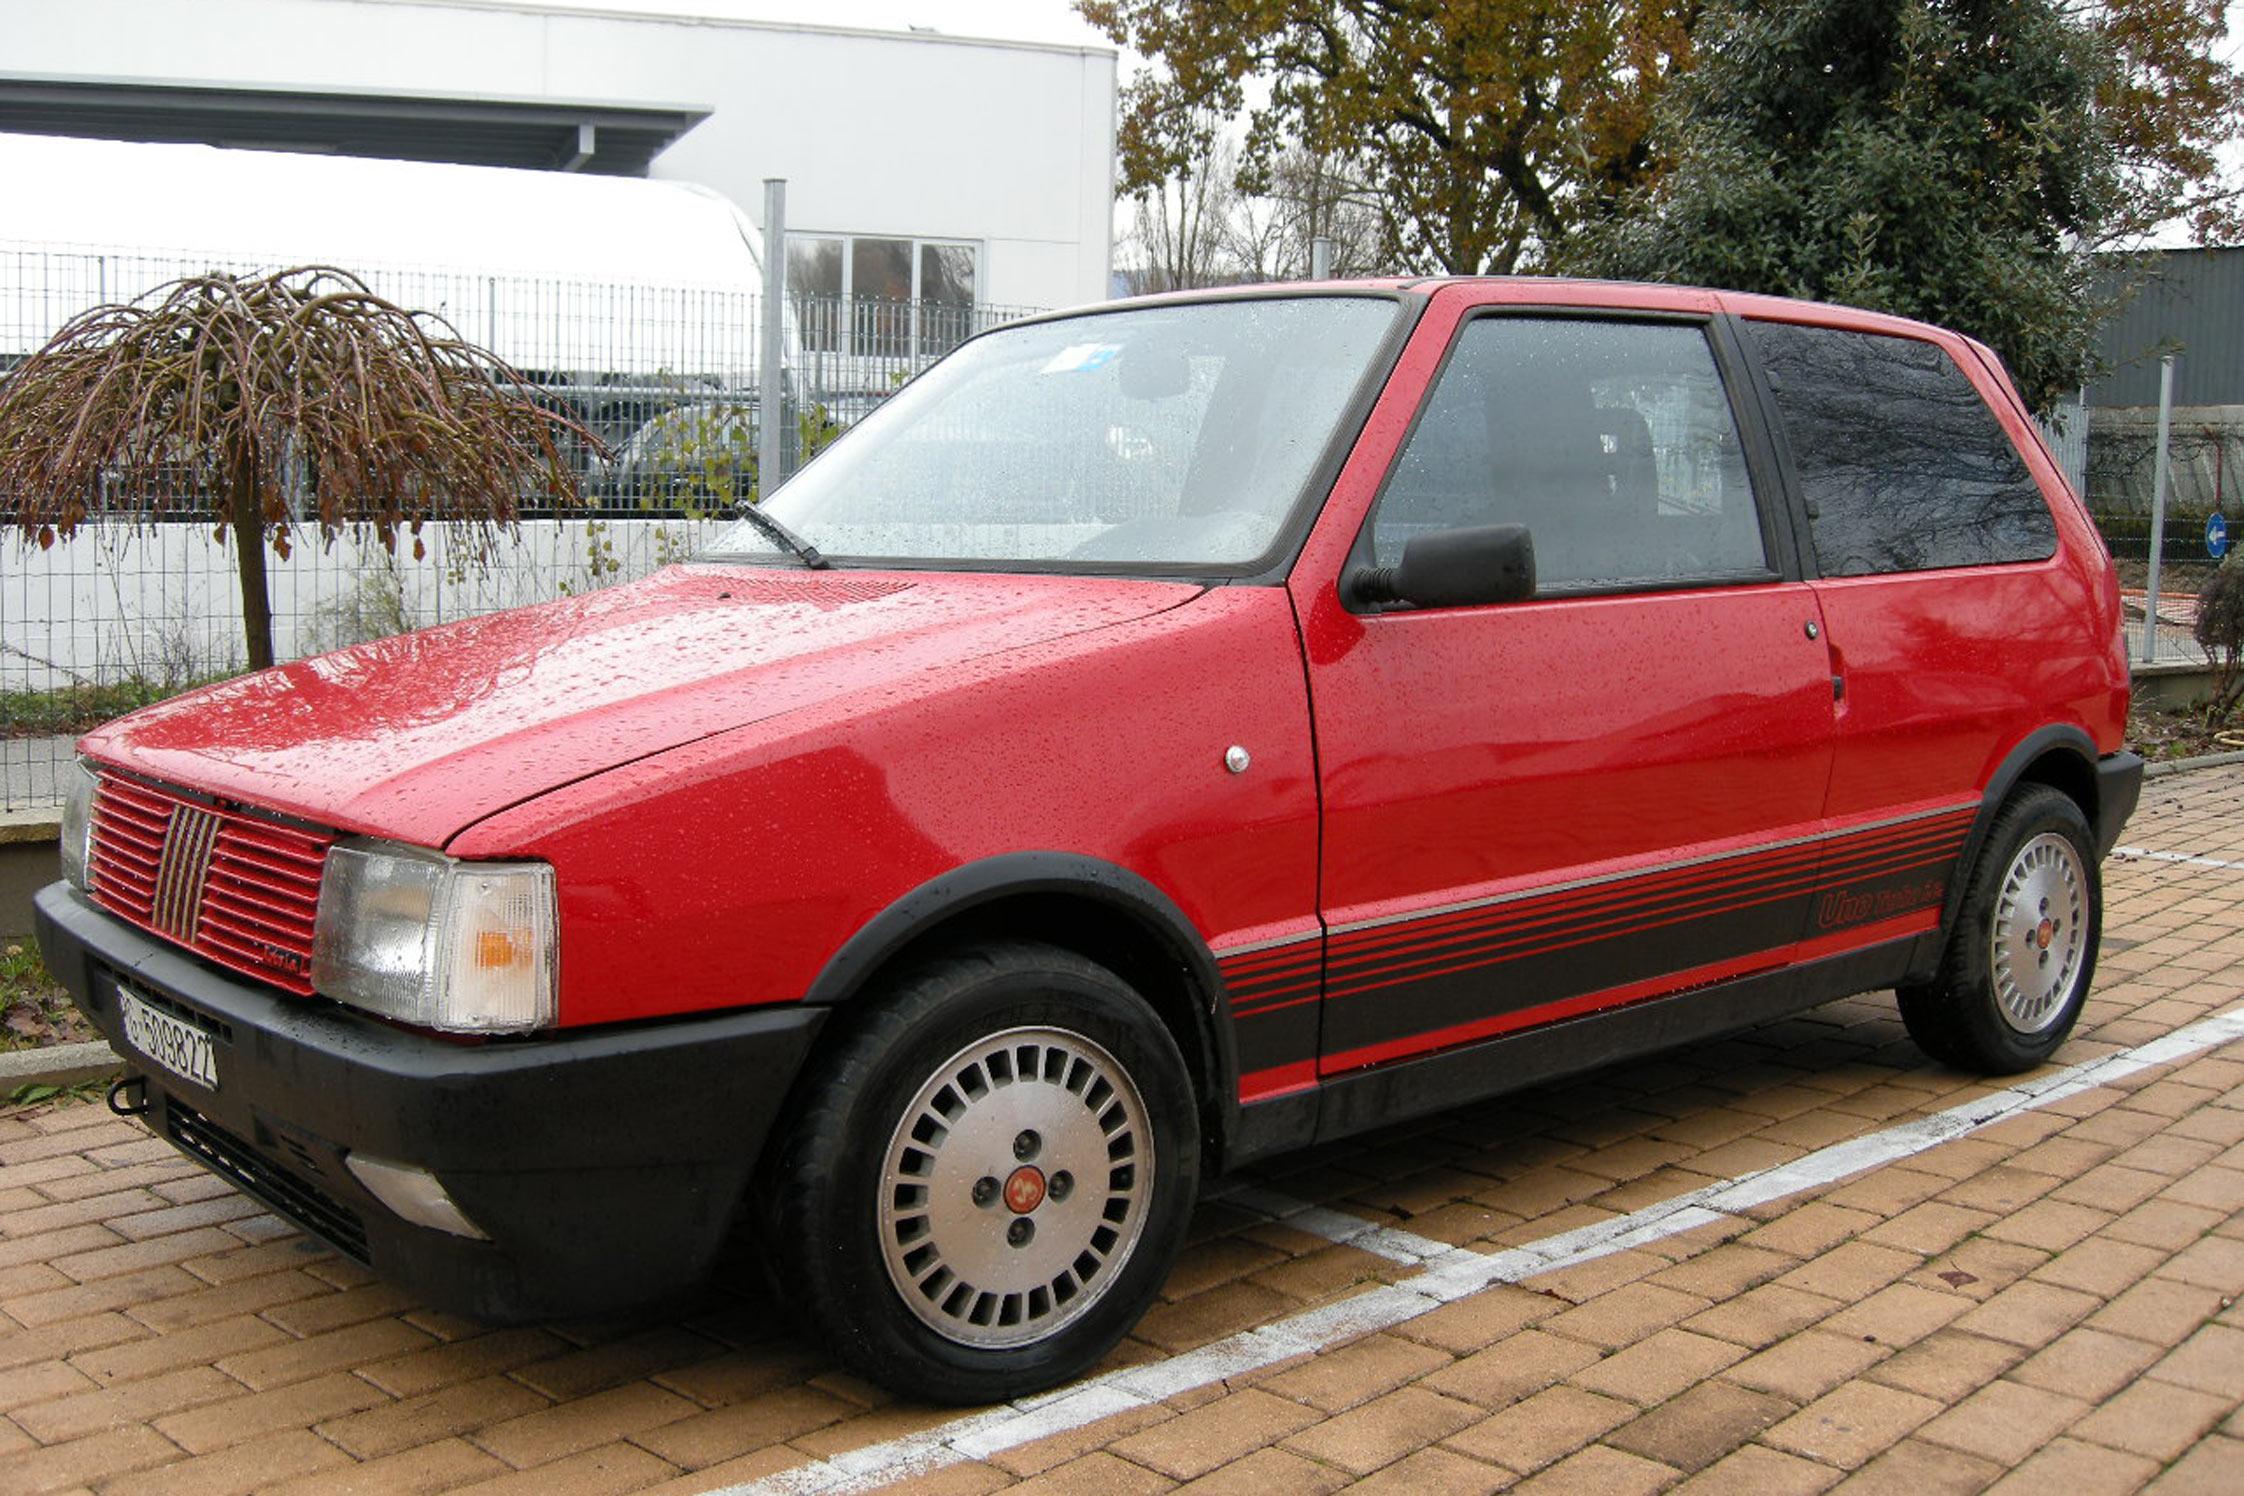 fiat uno turbo ie (1985) - gti et compagnie : retour sur plus de